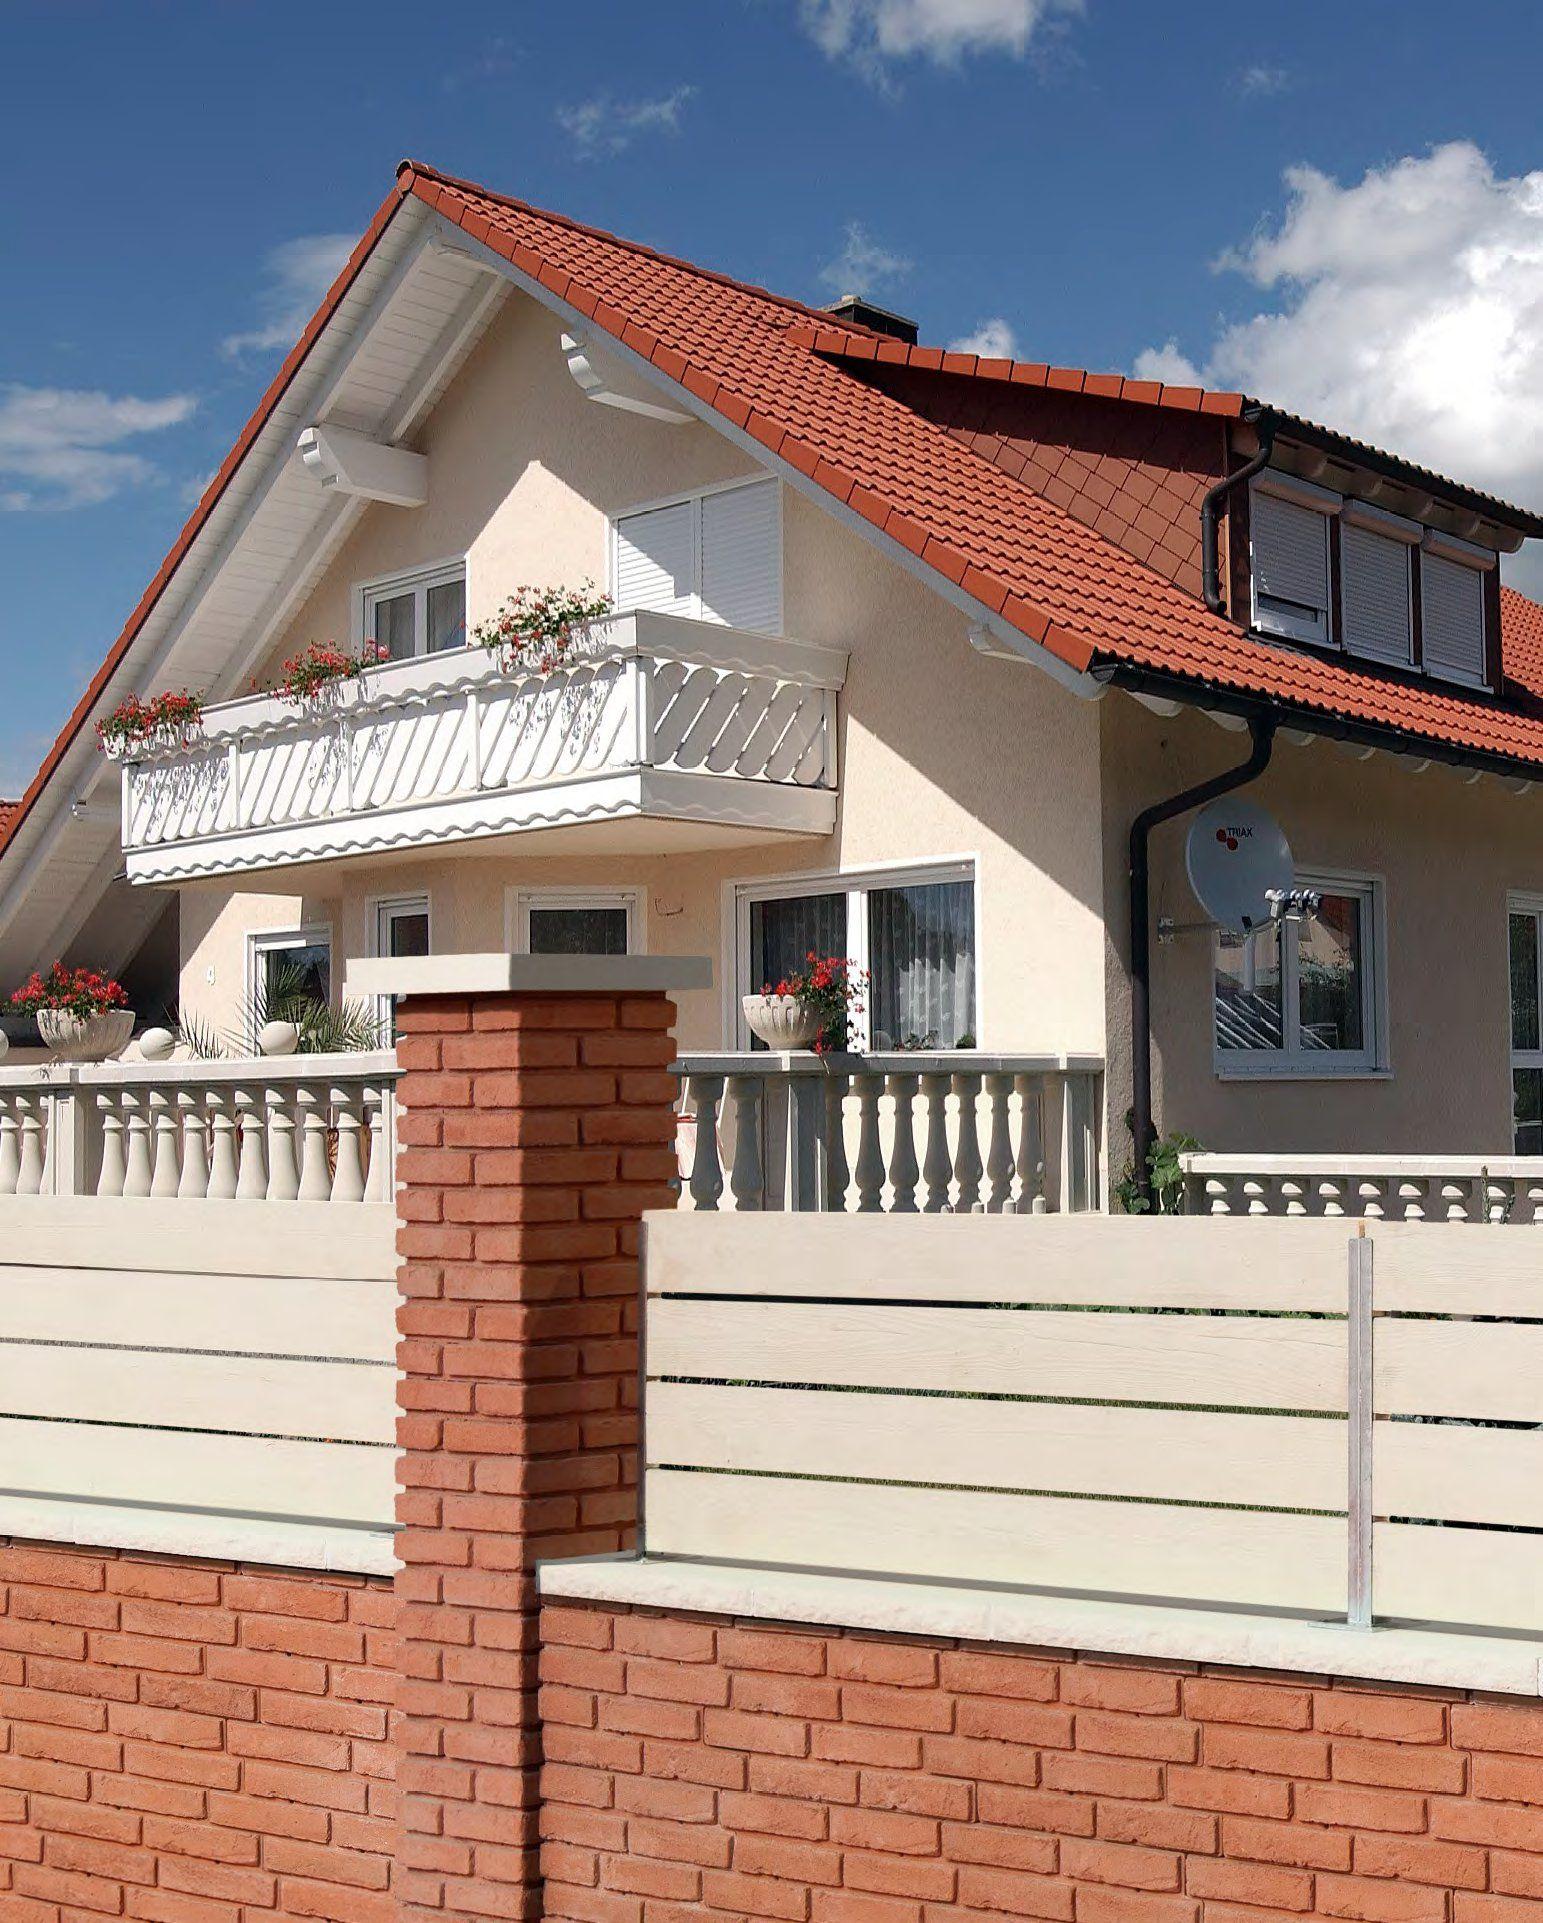 Brickplack elemento de piedra artificial para fachada by - Piedra artificial para fachadas ...